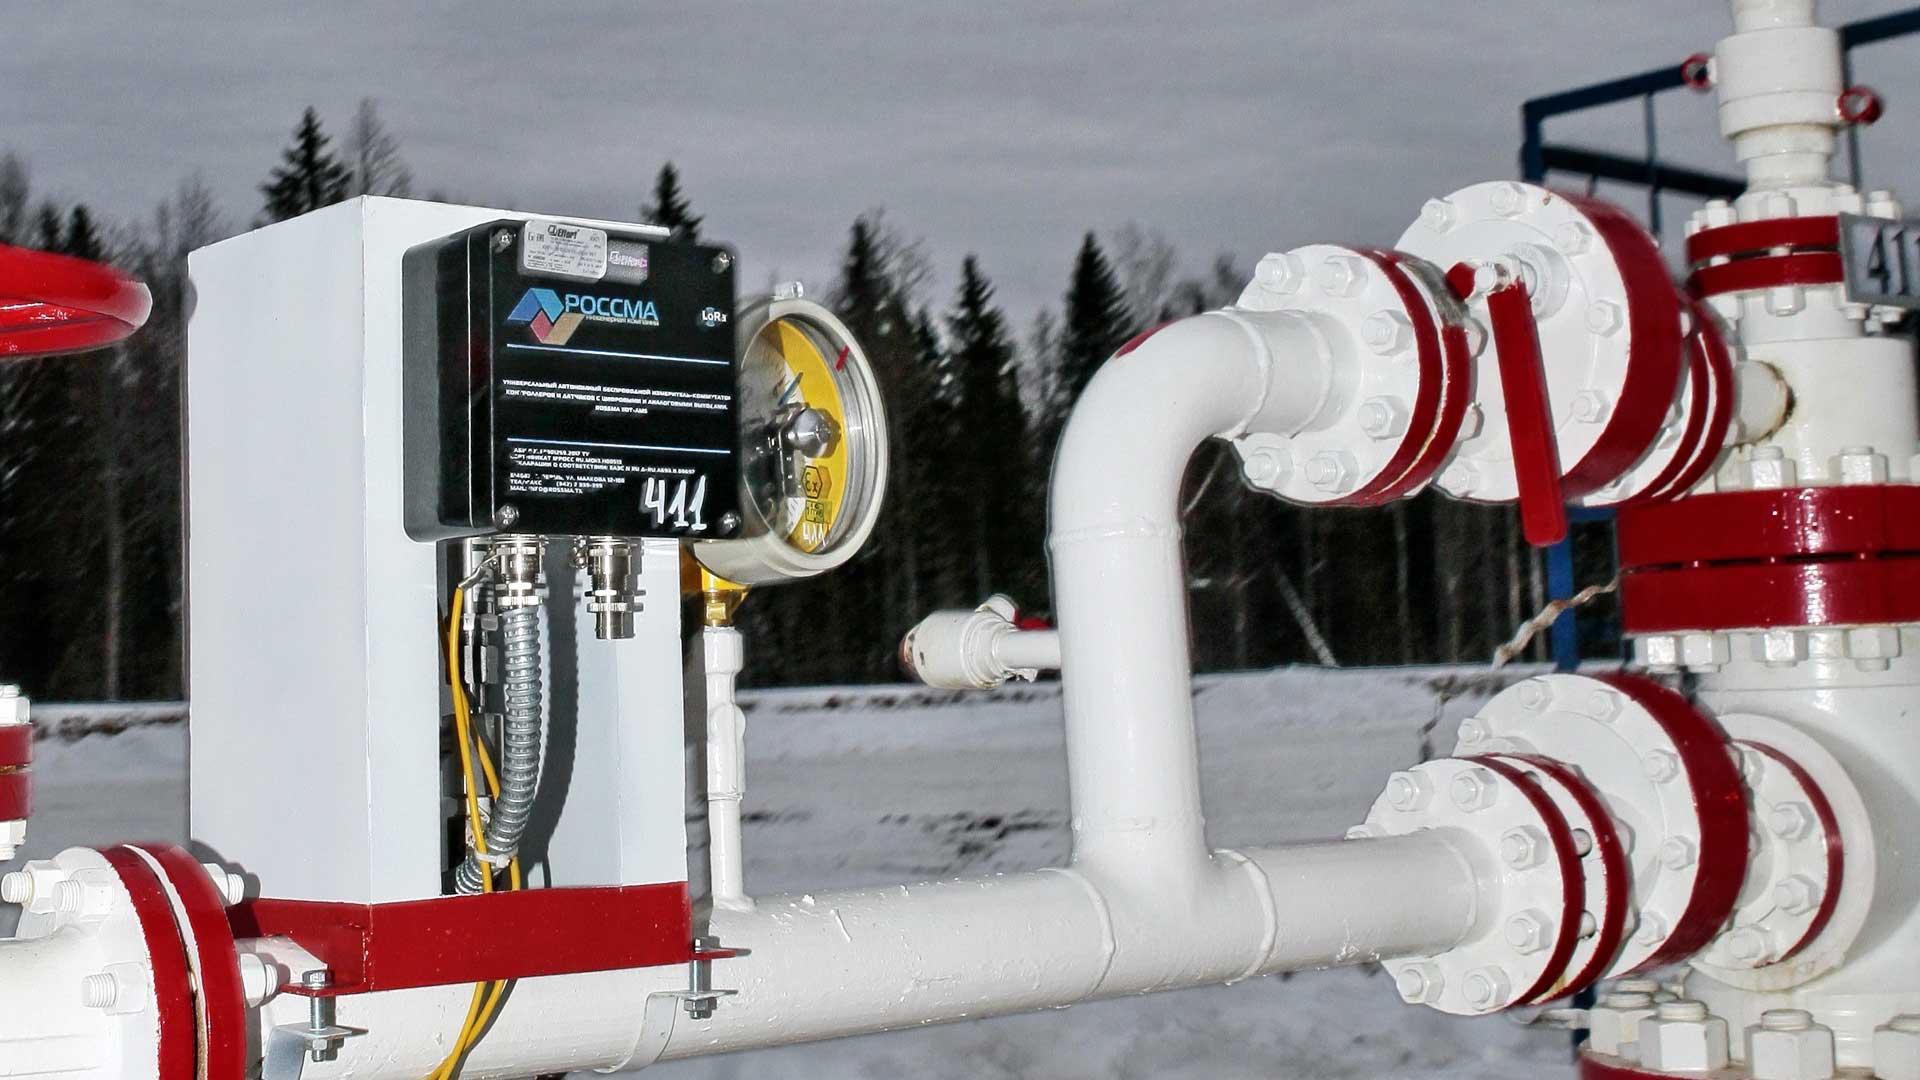 Автоматизация объектов нефтедобычи в Пермском крае